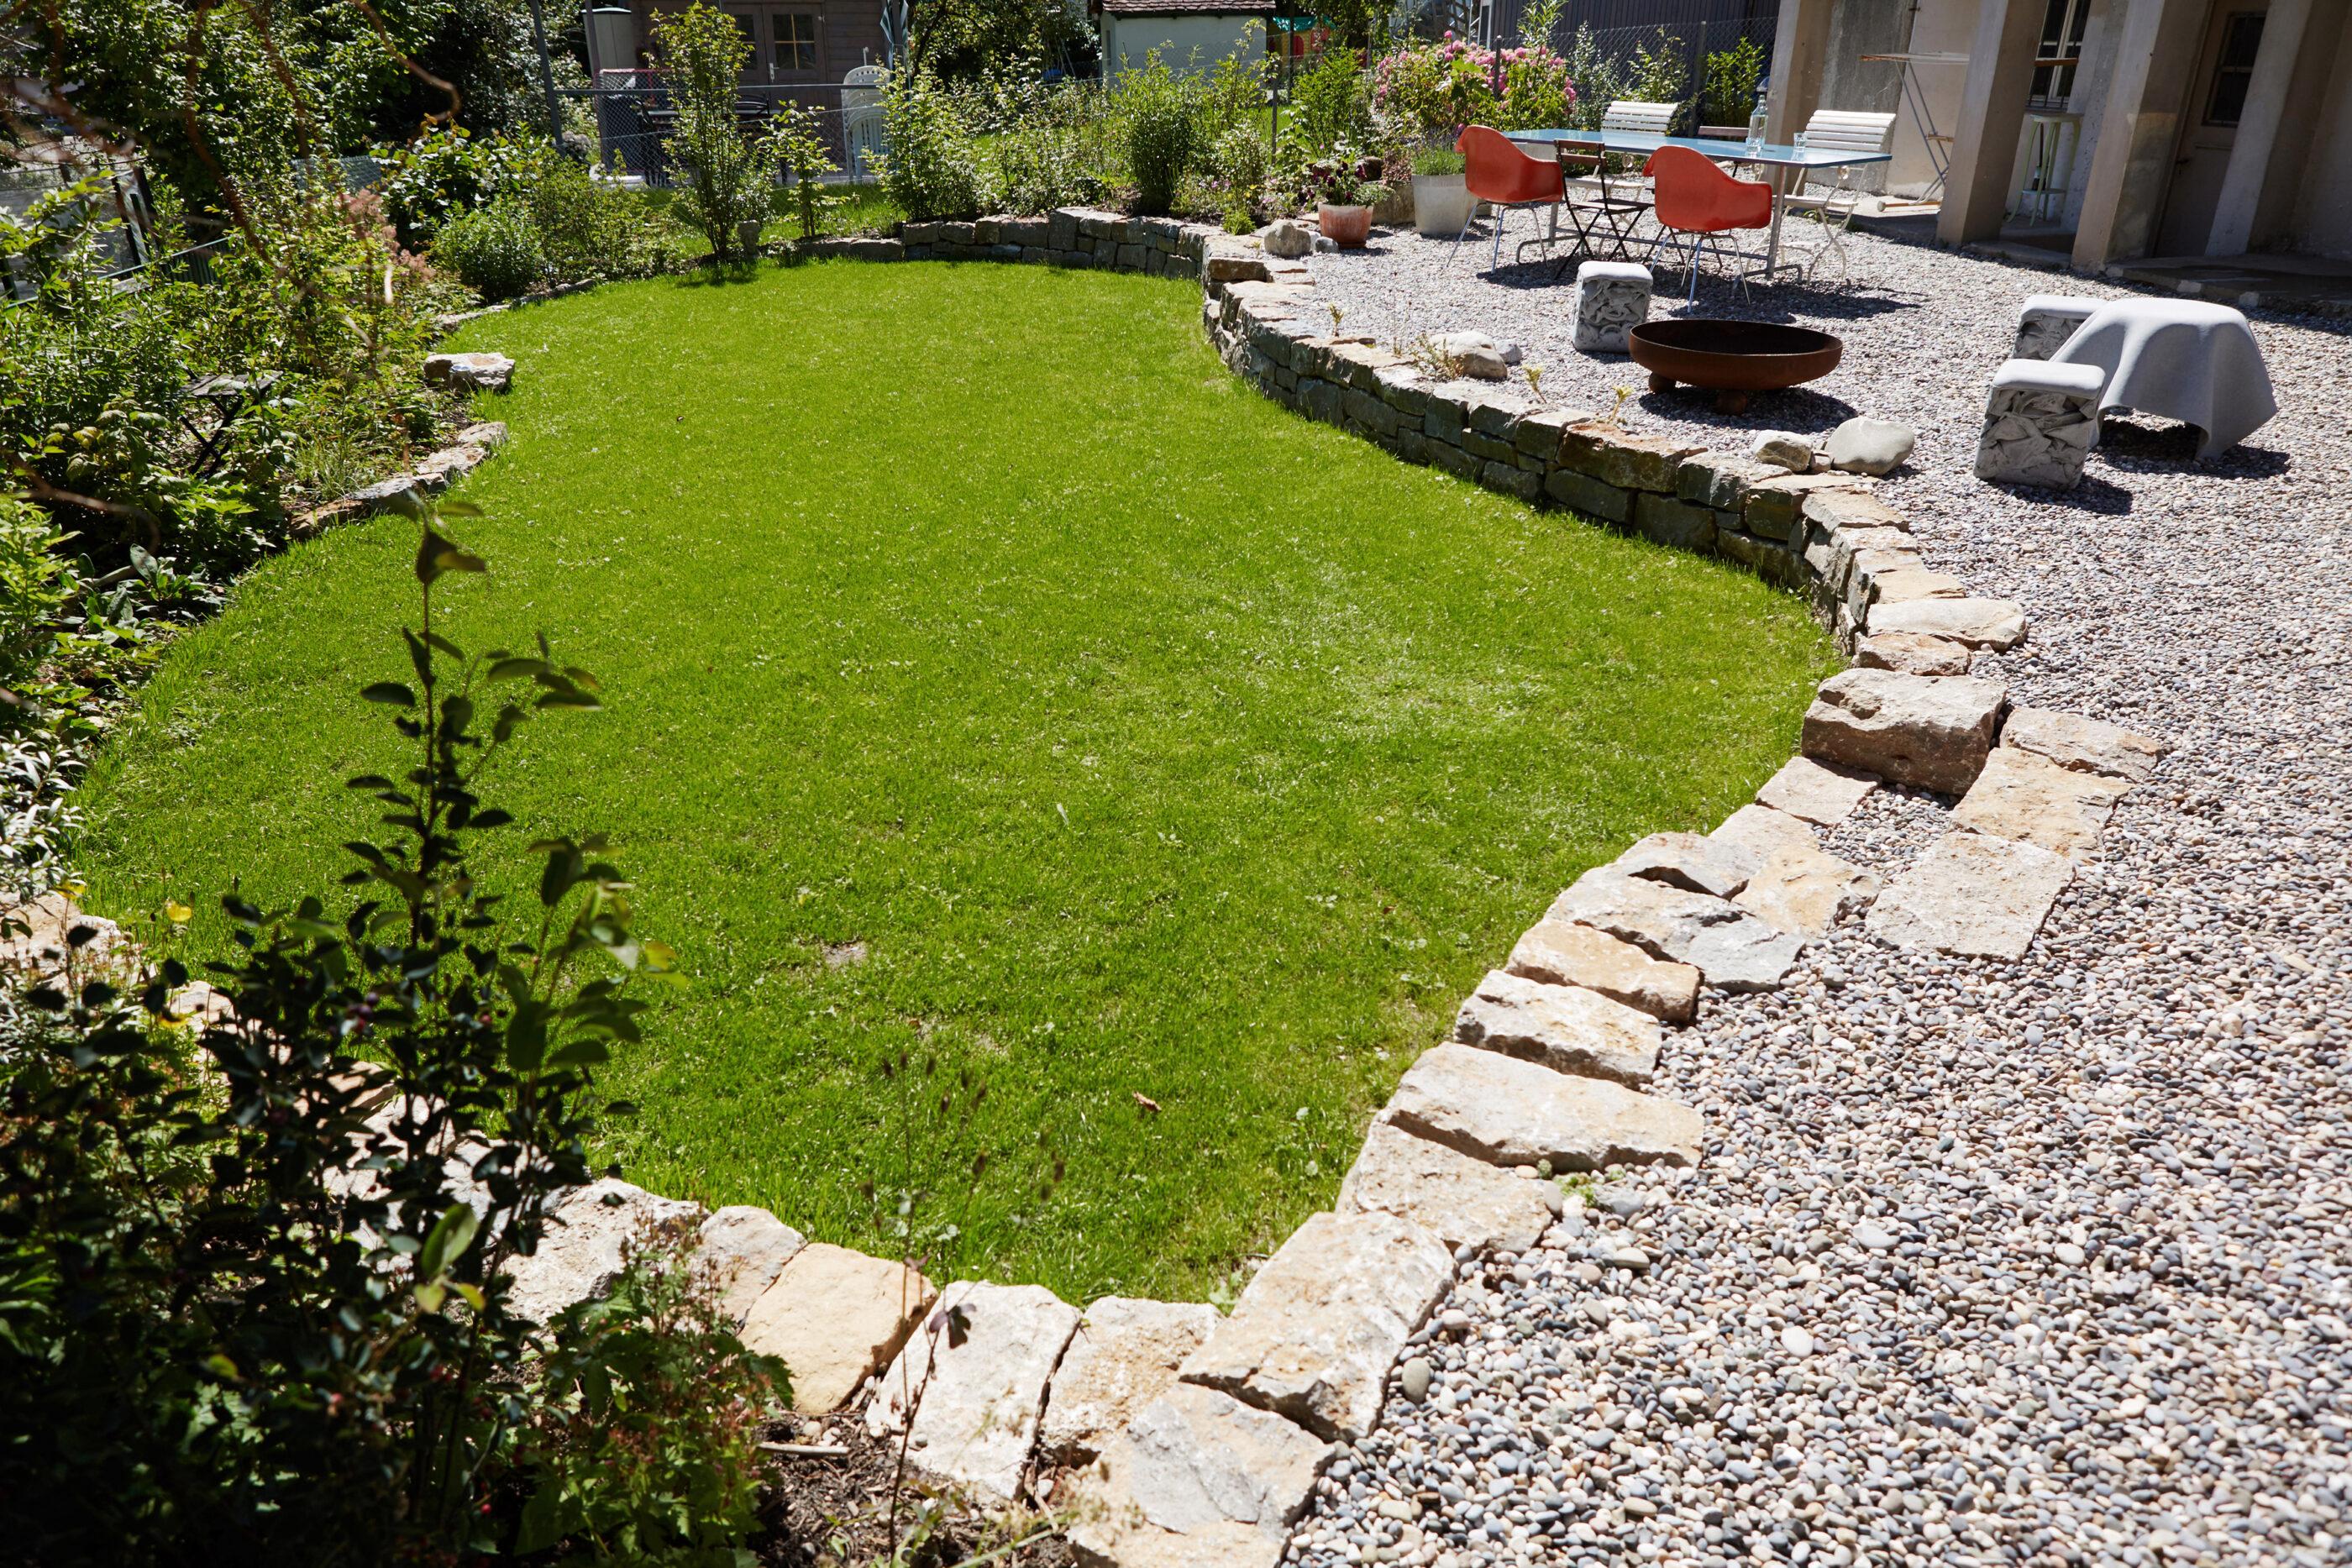 Naturstein mario knecht gartengestaltung basel - Gartengestaltung mit sandstein ...